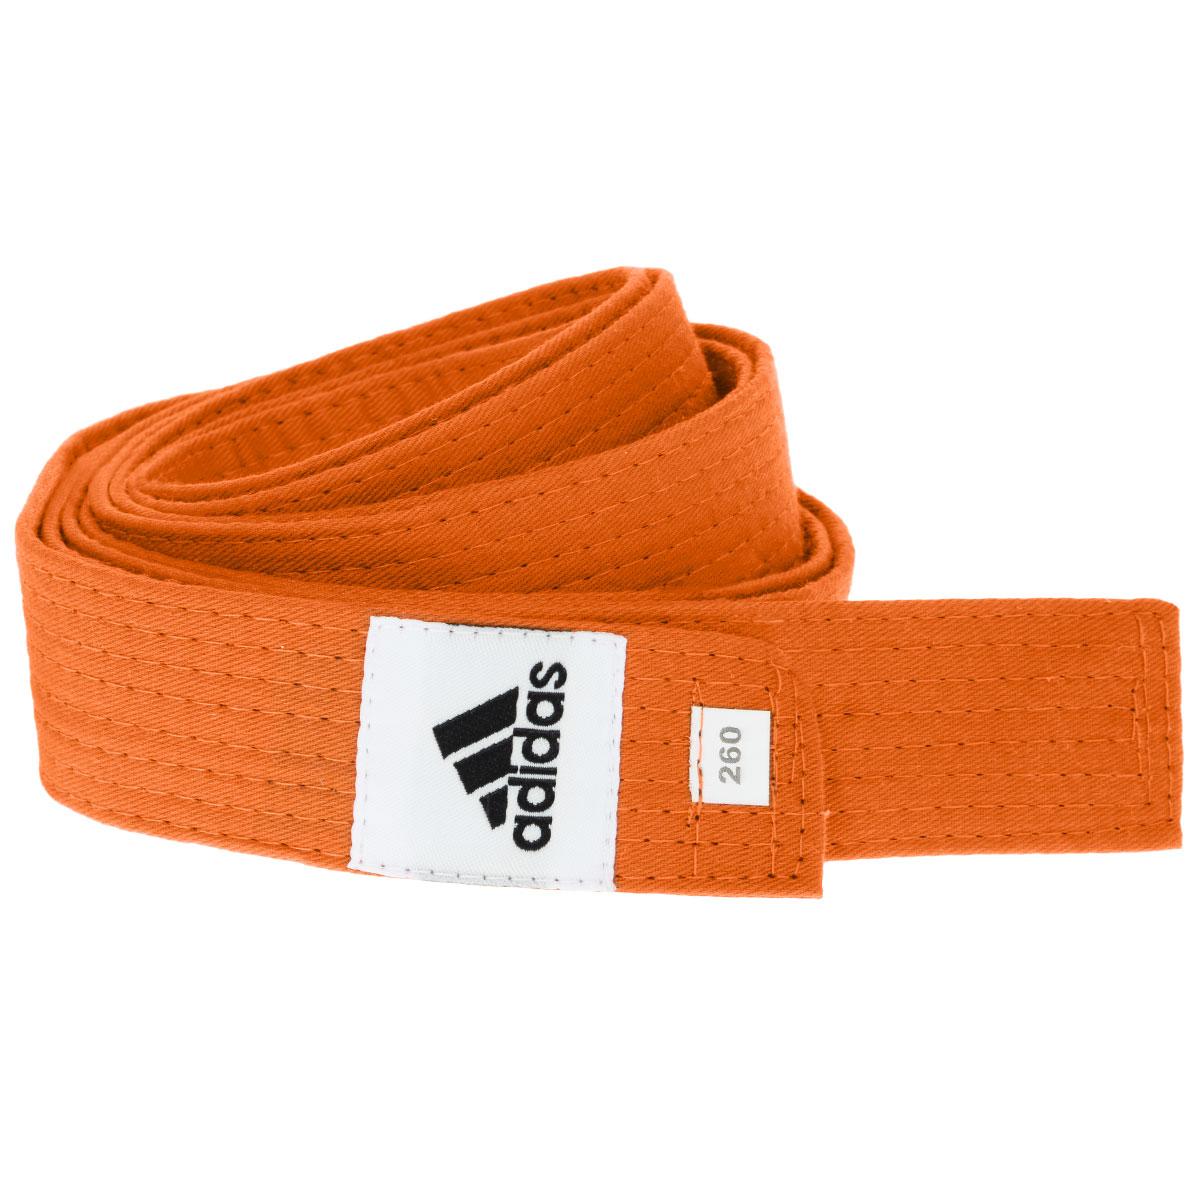 Пояс для единоборствadiB220Пояс для единоборств adidas Club - универсальный пояс для кимоно. Пояс выполнен из плотного хлопкового материала с прострочкой. Такой пояс - необходимый аксессуар для тех, кто занимается боевыми искусствами.